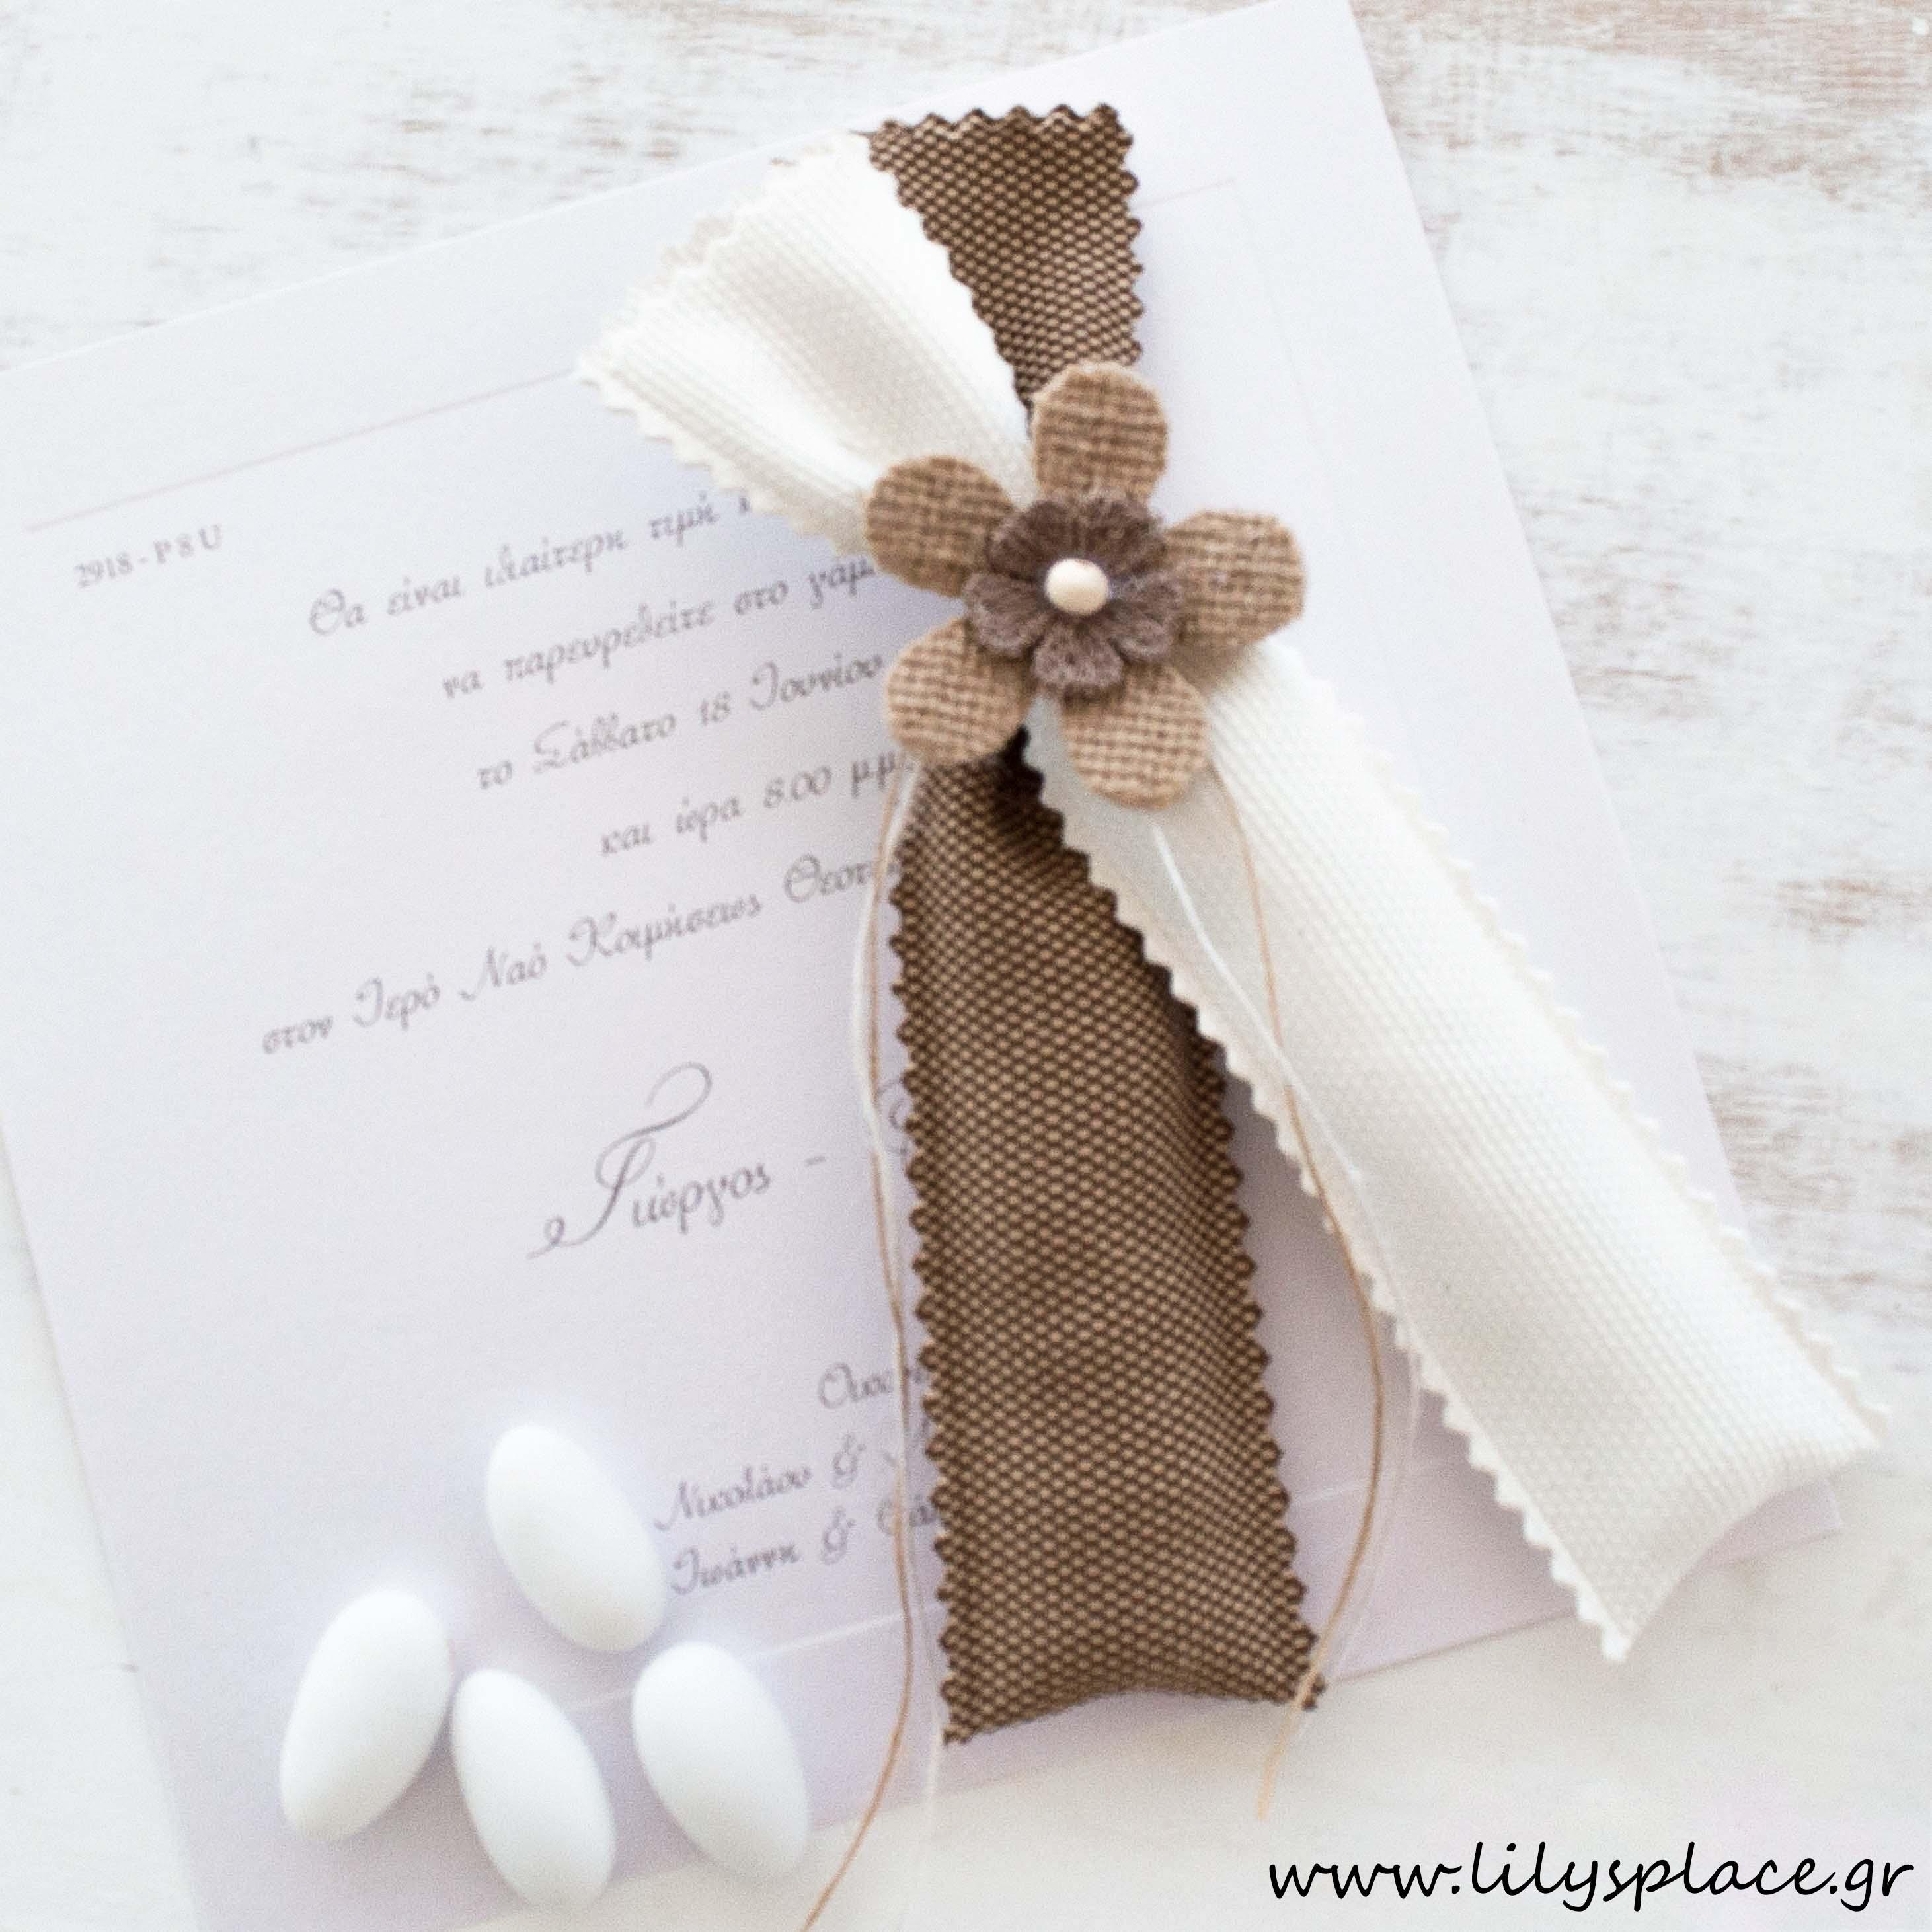 Μπομπονιέρα γάμου πουγκάκια με λουλουδάκι